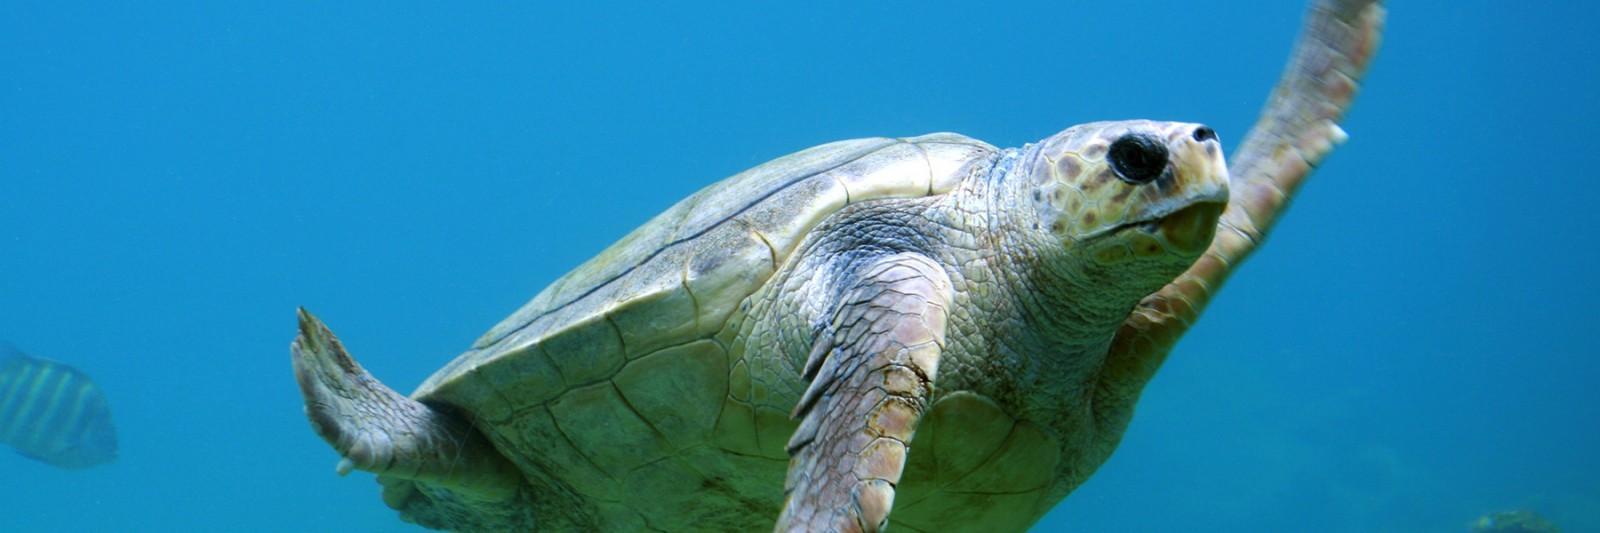 slider-turtle2